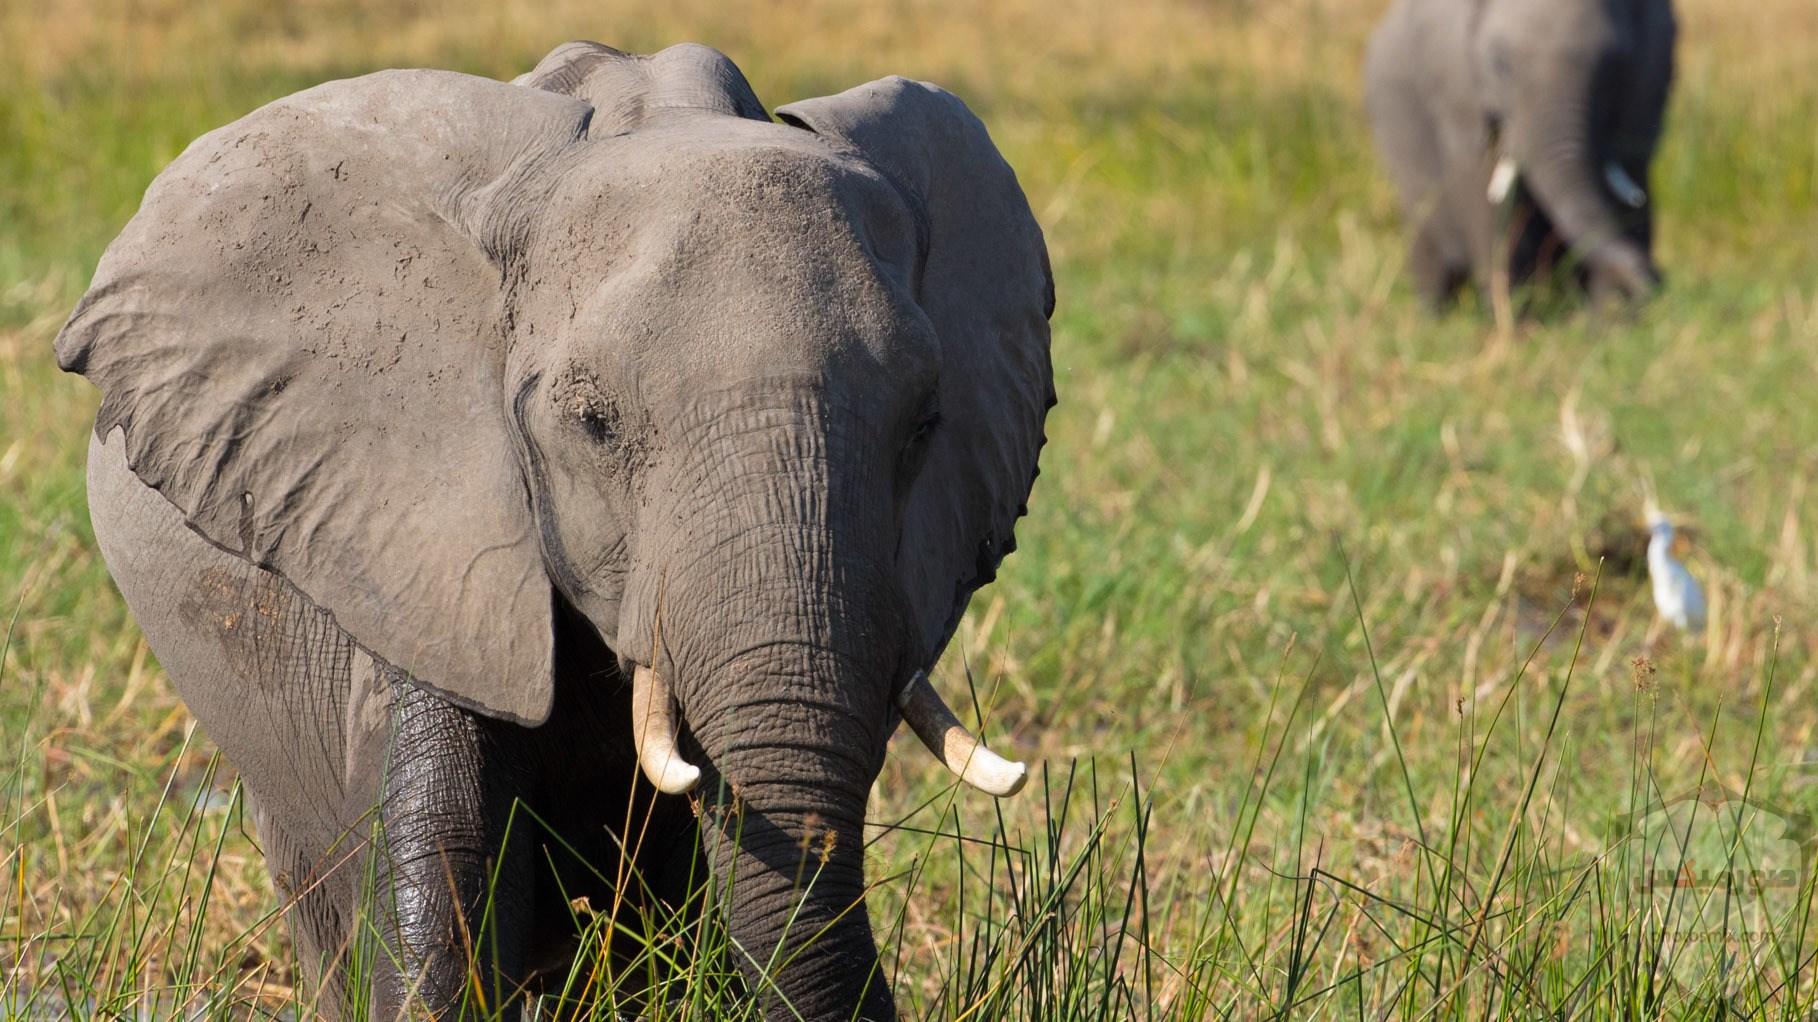 صور الفيل لمحبي الحيوانات وخصوصا الفيل سنقدم لكم مجموعة صور رائعة وجميلة جدا عن حيوان الفيل 1